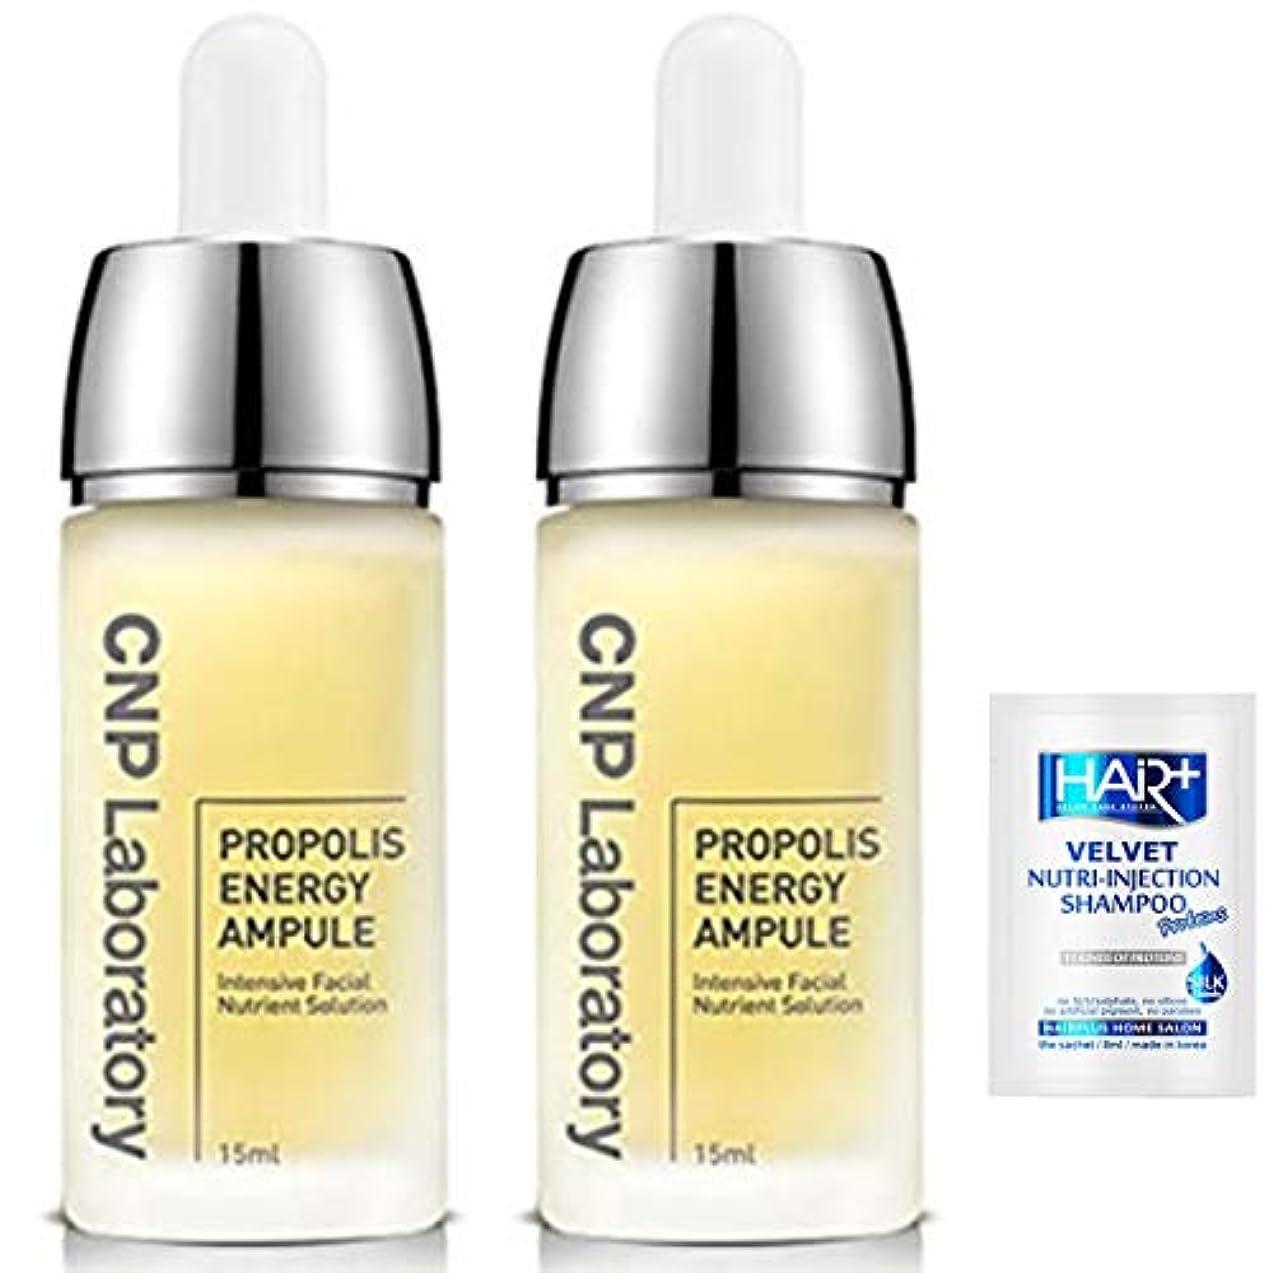 ファーム引く求める【CNP Laboratory】プロポリス エネルギーアンプル 15ml X 2EA+HairPlus NonSilicon Shampoo 8ml